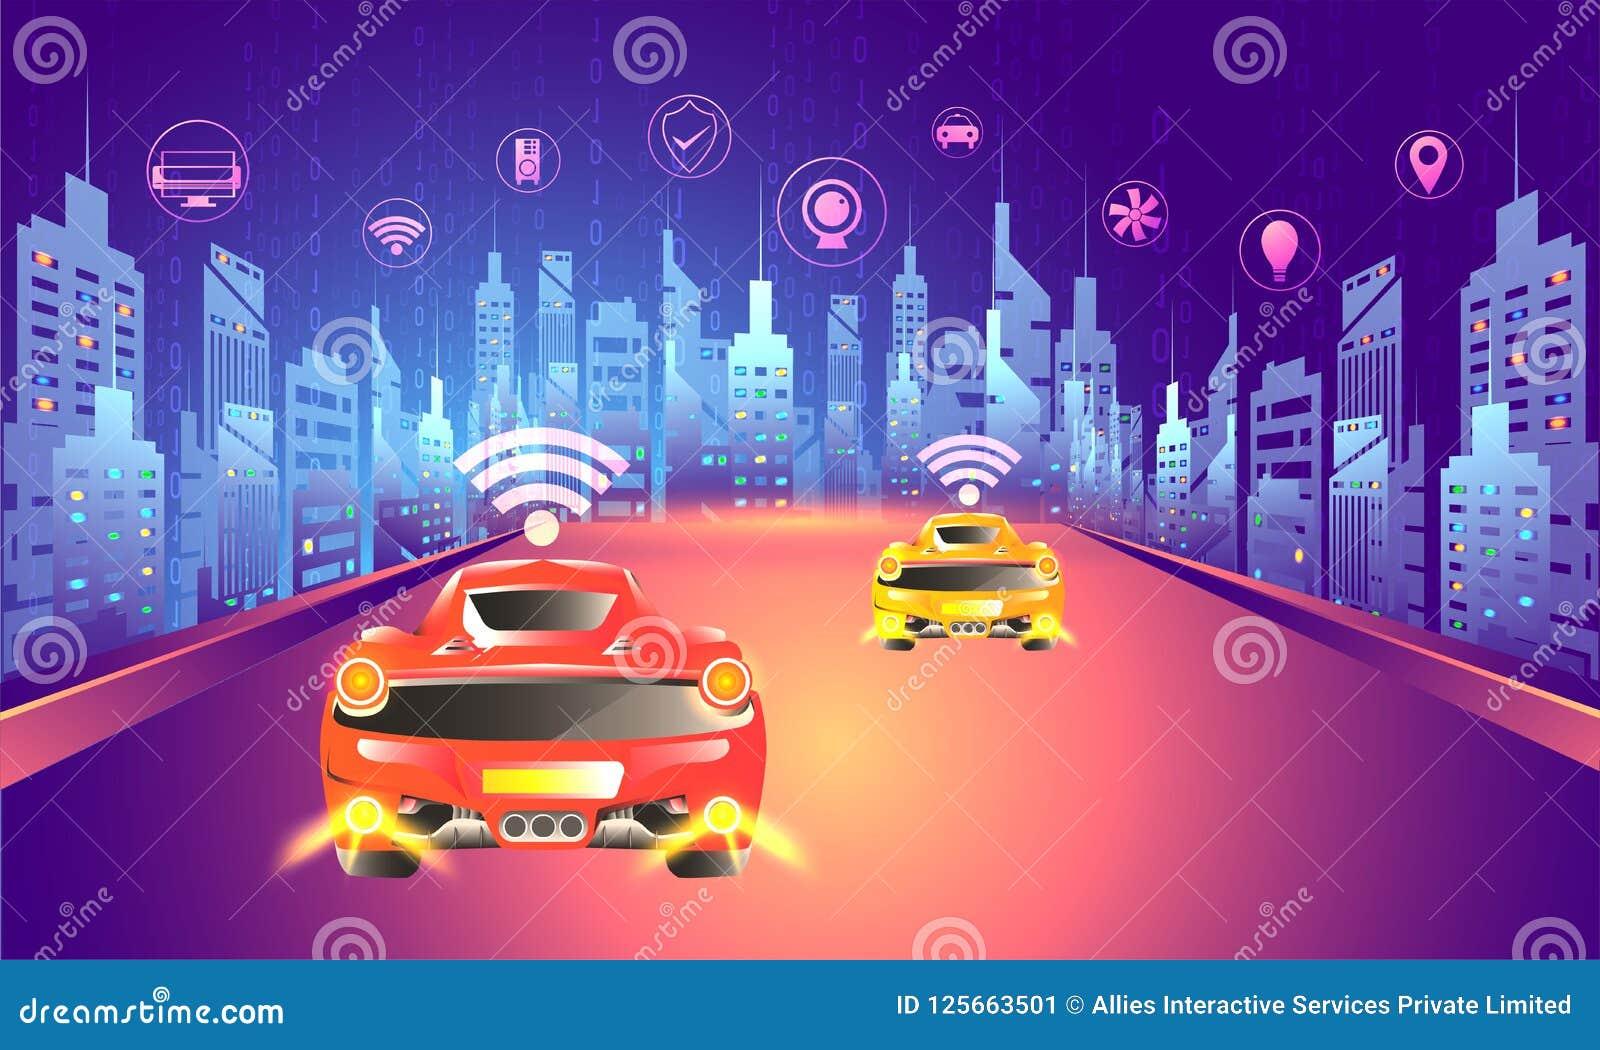 Ψηφιακή έννοια τεχνολογίας, αστικό lanscape με αυτόνομο vehic